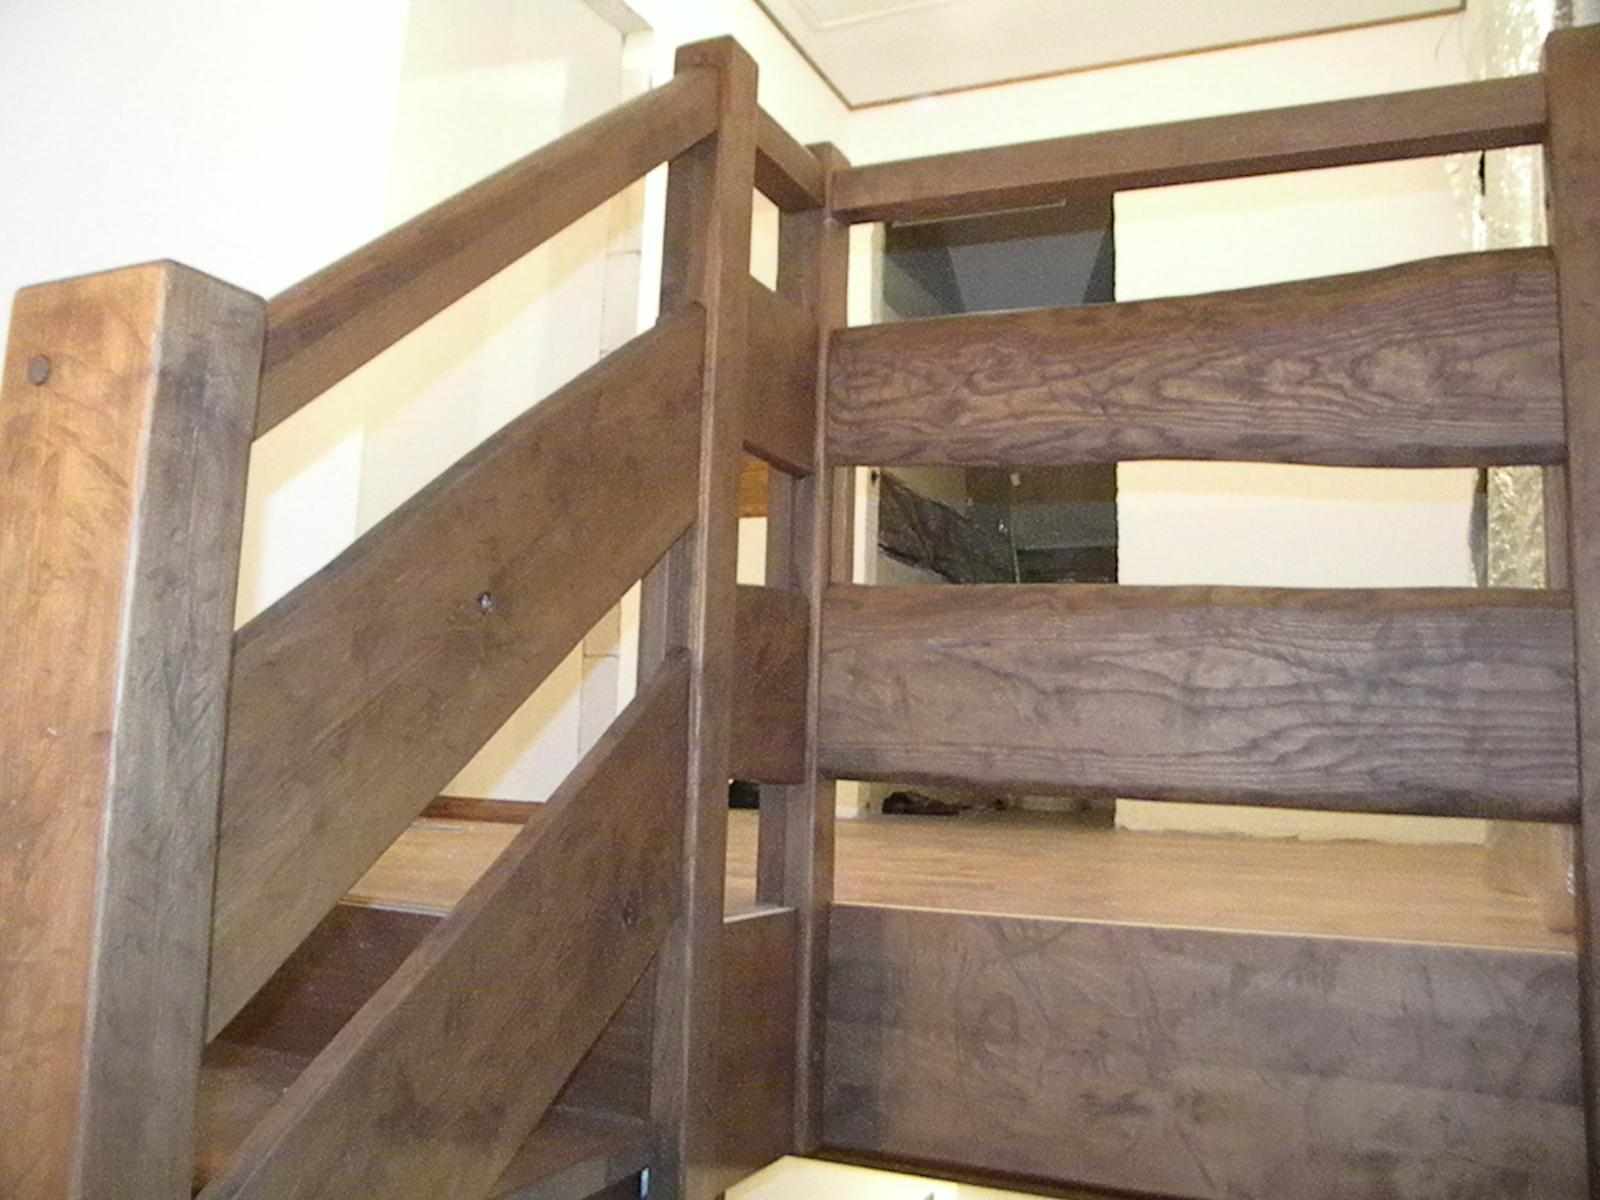 Výroba schodov, pozri môj profil - Obrázok č. 4